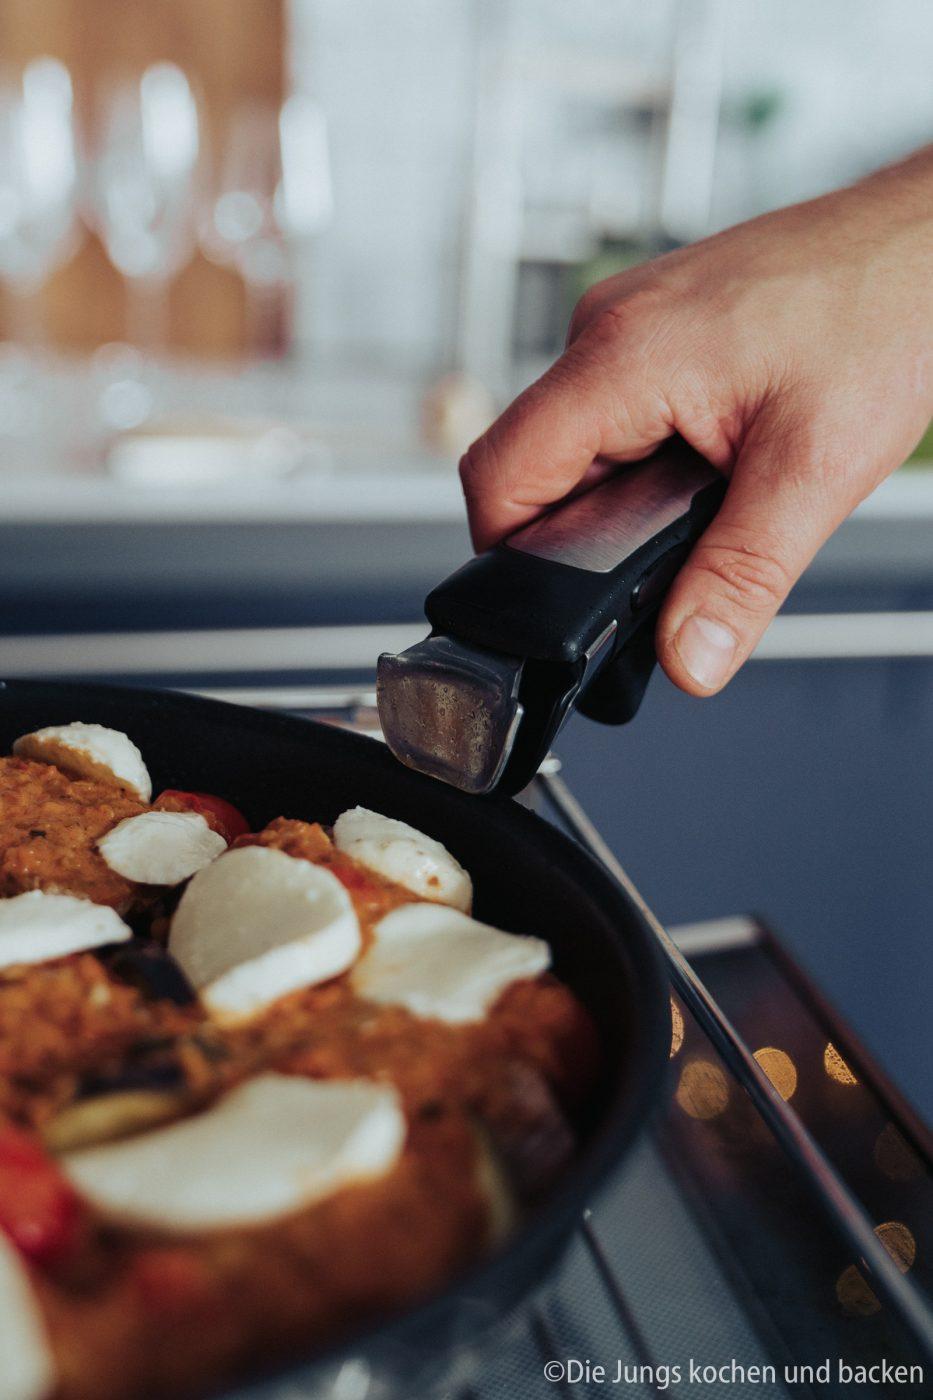 Tefal Schweinefilet italienisch 13 | Wir hatten schon ewig nichts Überbackenes mehr für euch hier und auch bei uns auf dem Tisch. Zu einem gemütlichen Spielenachmittag mit Freunden hatten wir aber richtig Lust auf ein leckeres Gericht, das mit Käse überbacken wird. Es sollte praktisch sein, gut vorzubereiten und nicht so ganz aufwändig. All das sind unsere überbackenen Schweinemedaillons mit Aubergine. Ein guter Grund dafür - es kommt in eine Pfanne, die Pfanne in den Ofen und dann auch auf den Tisch! Was ist das also für eine neue Pfanne??